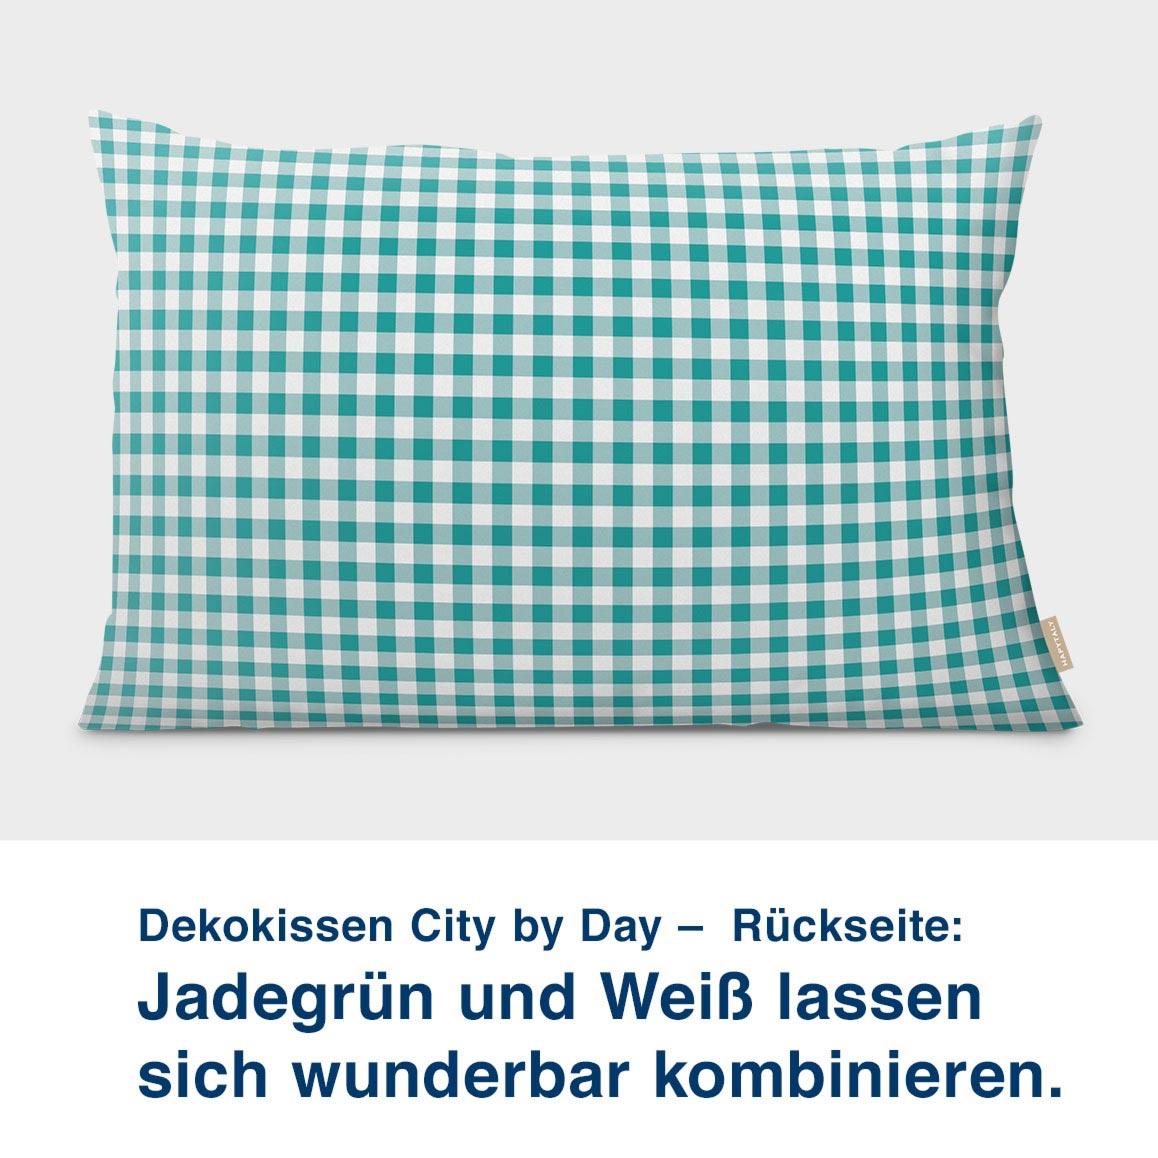 Dekokissen City by Day –  Rückseite:  Jadegrün und Weiß lassen  sich wunderbar kombinieren.